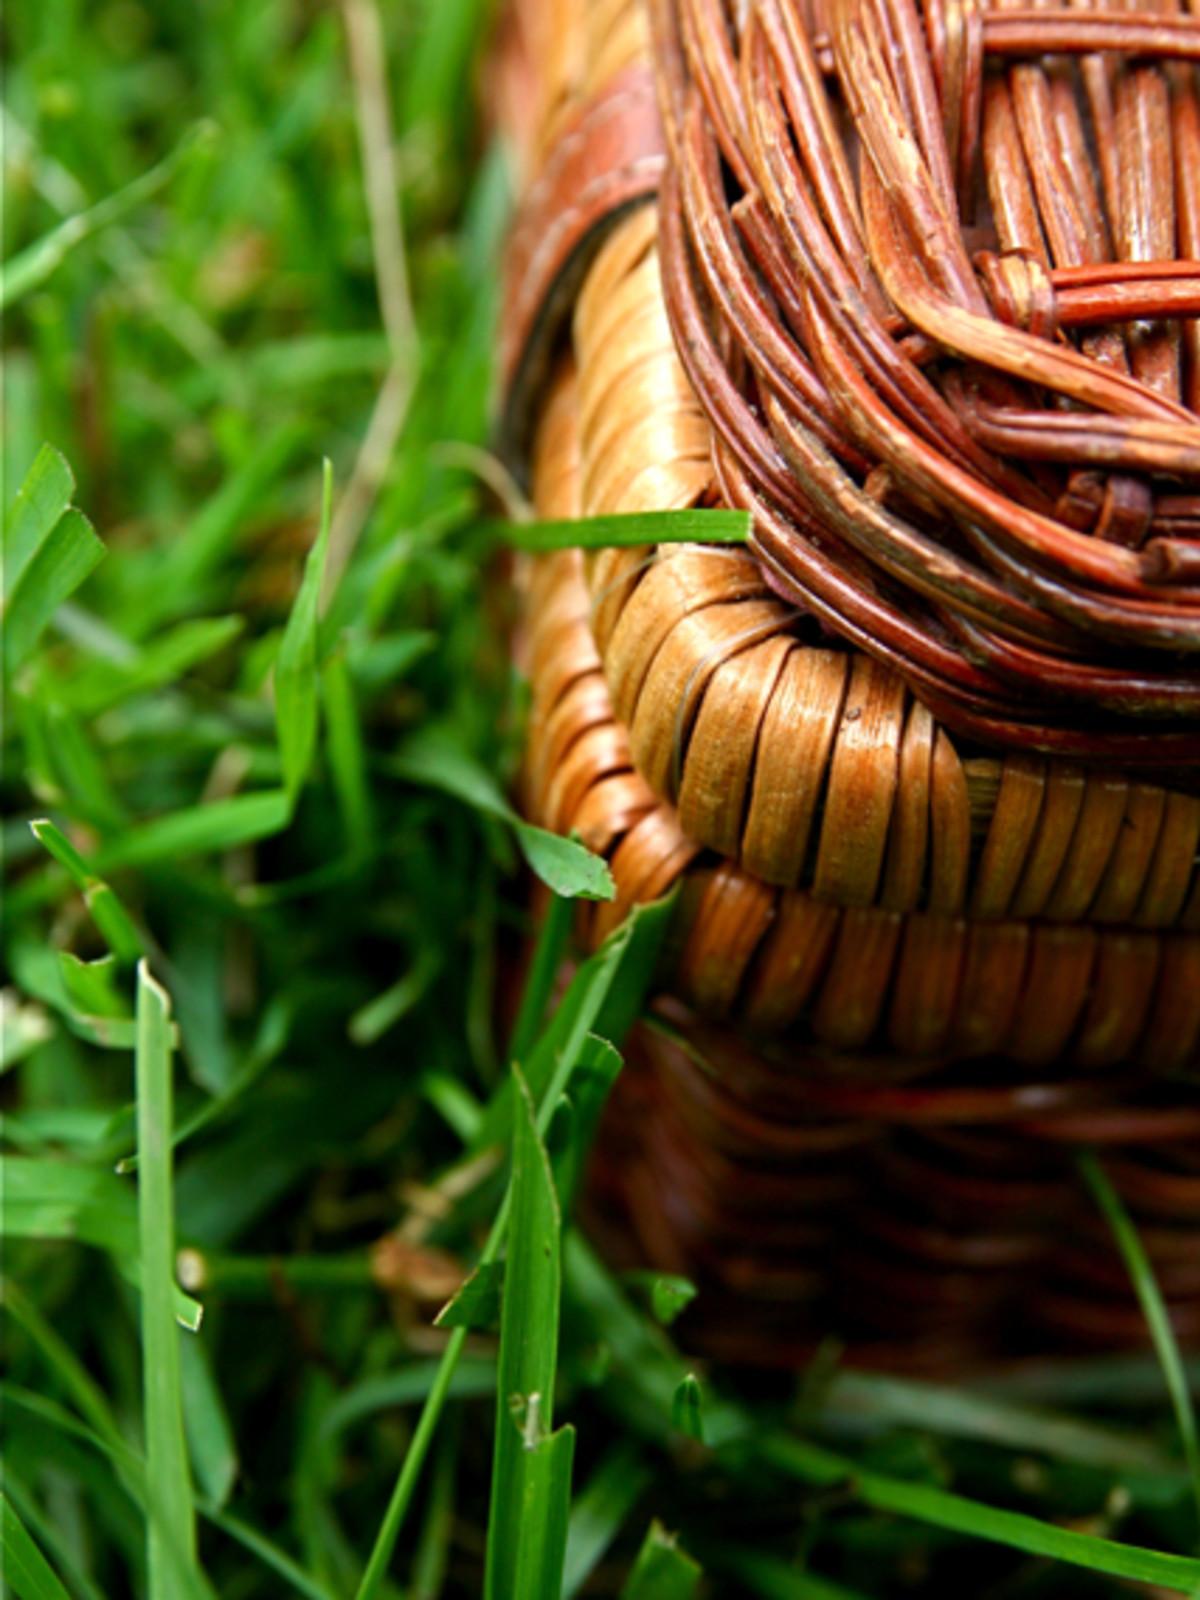 News_Summer fun_picnic basket_grass_placeholder